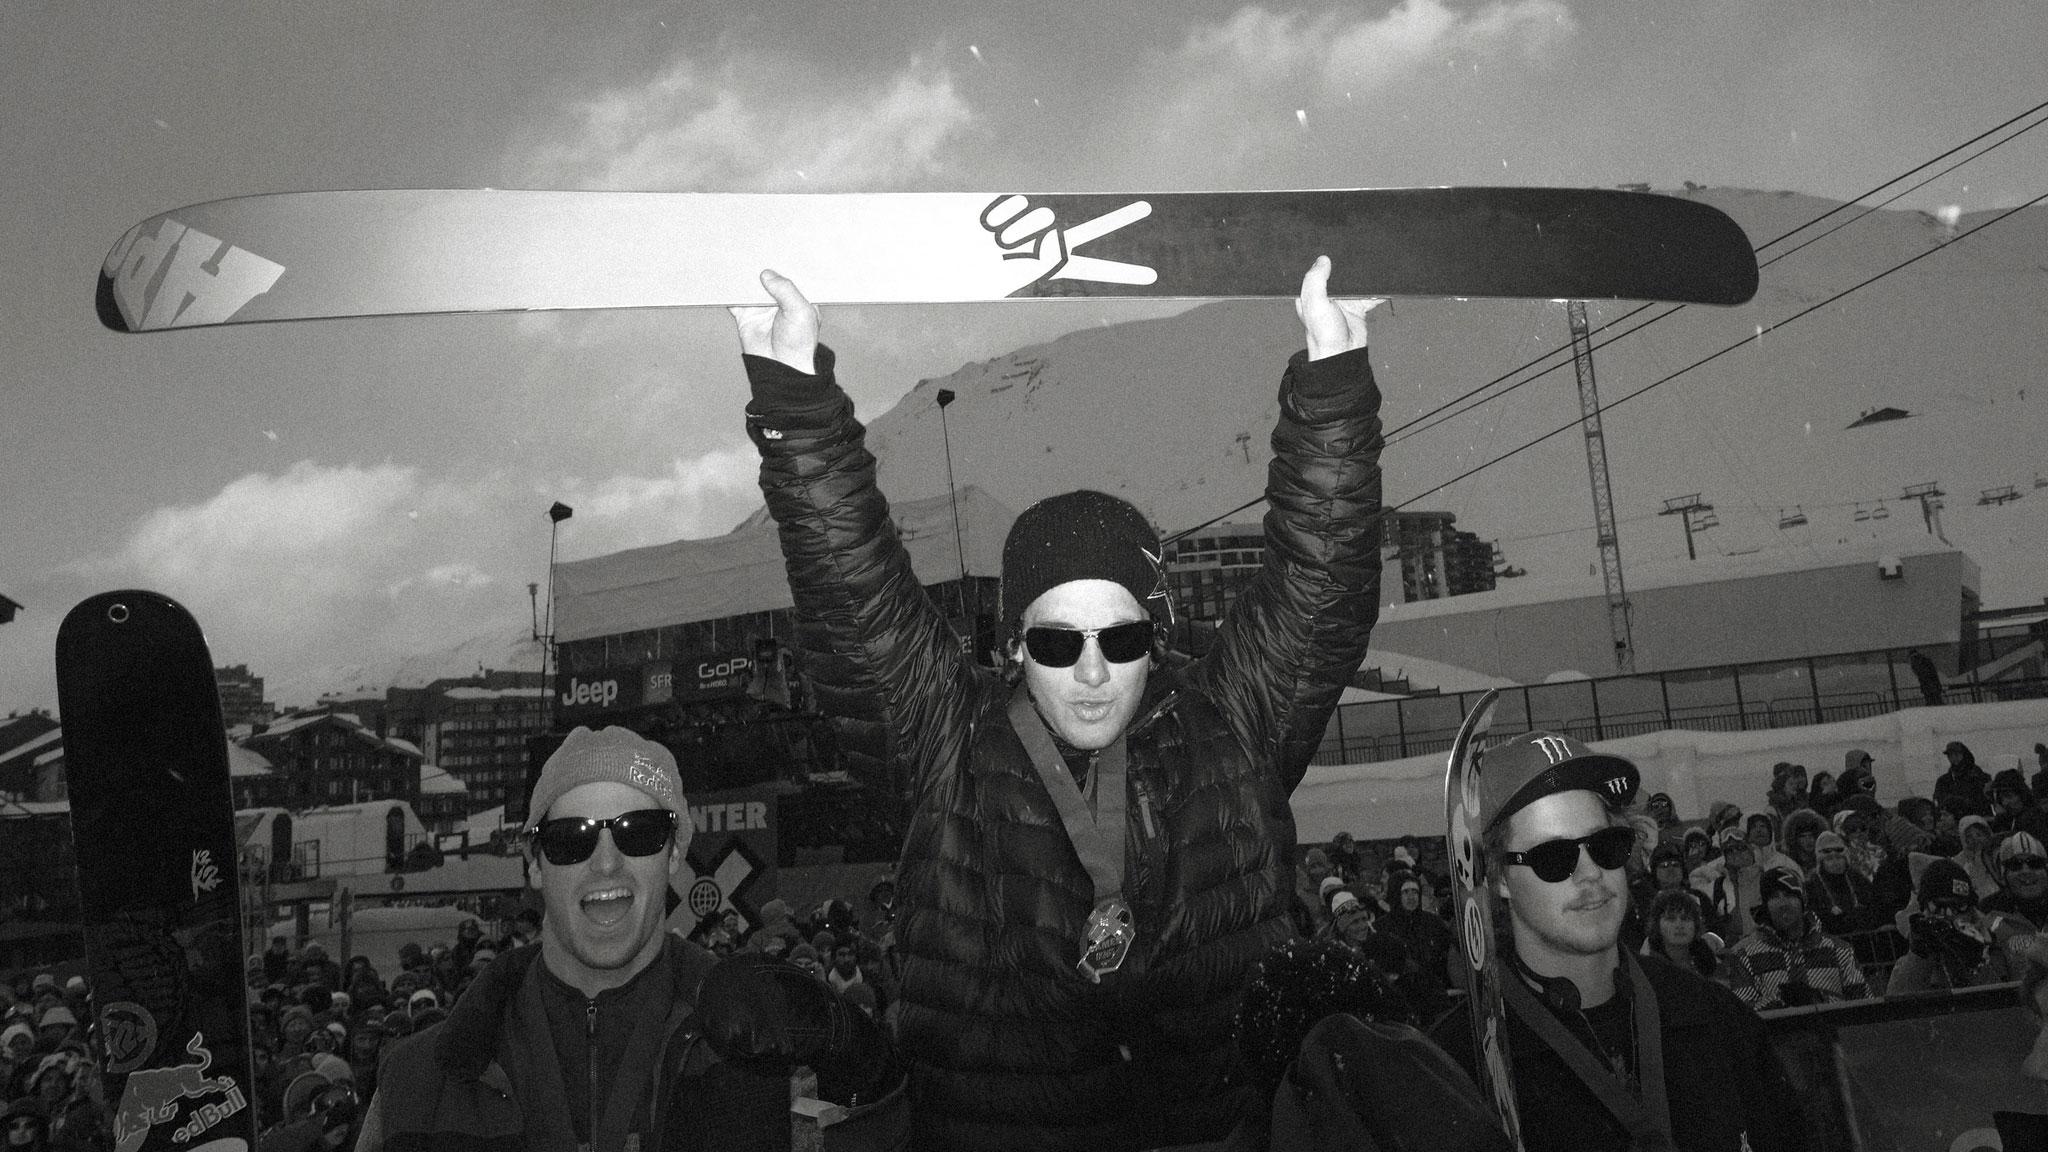 Real Ski